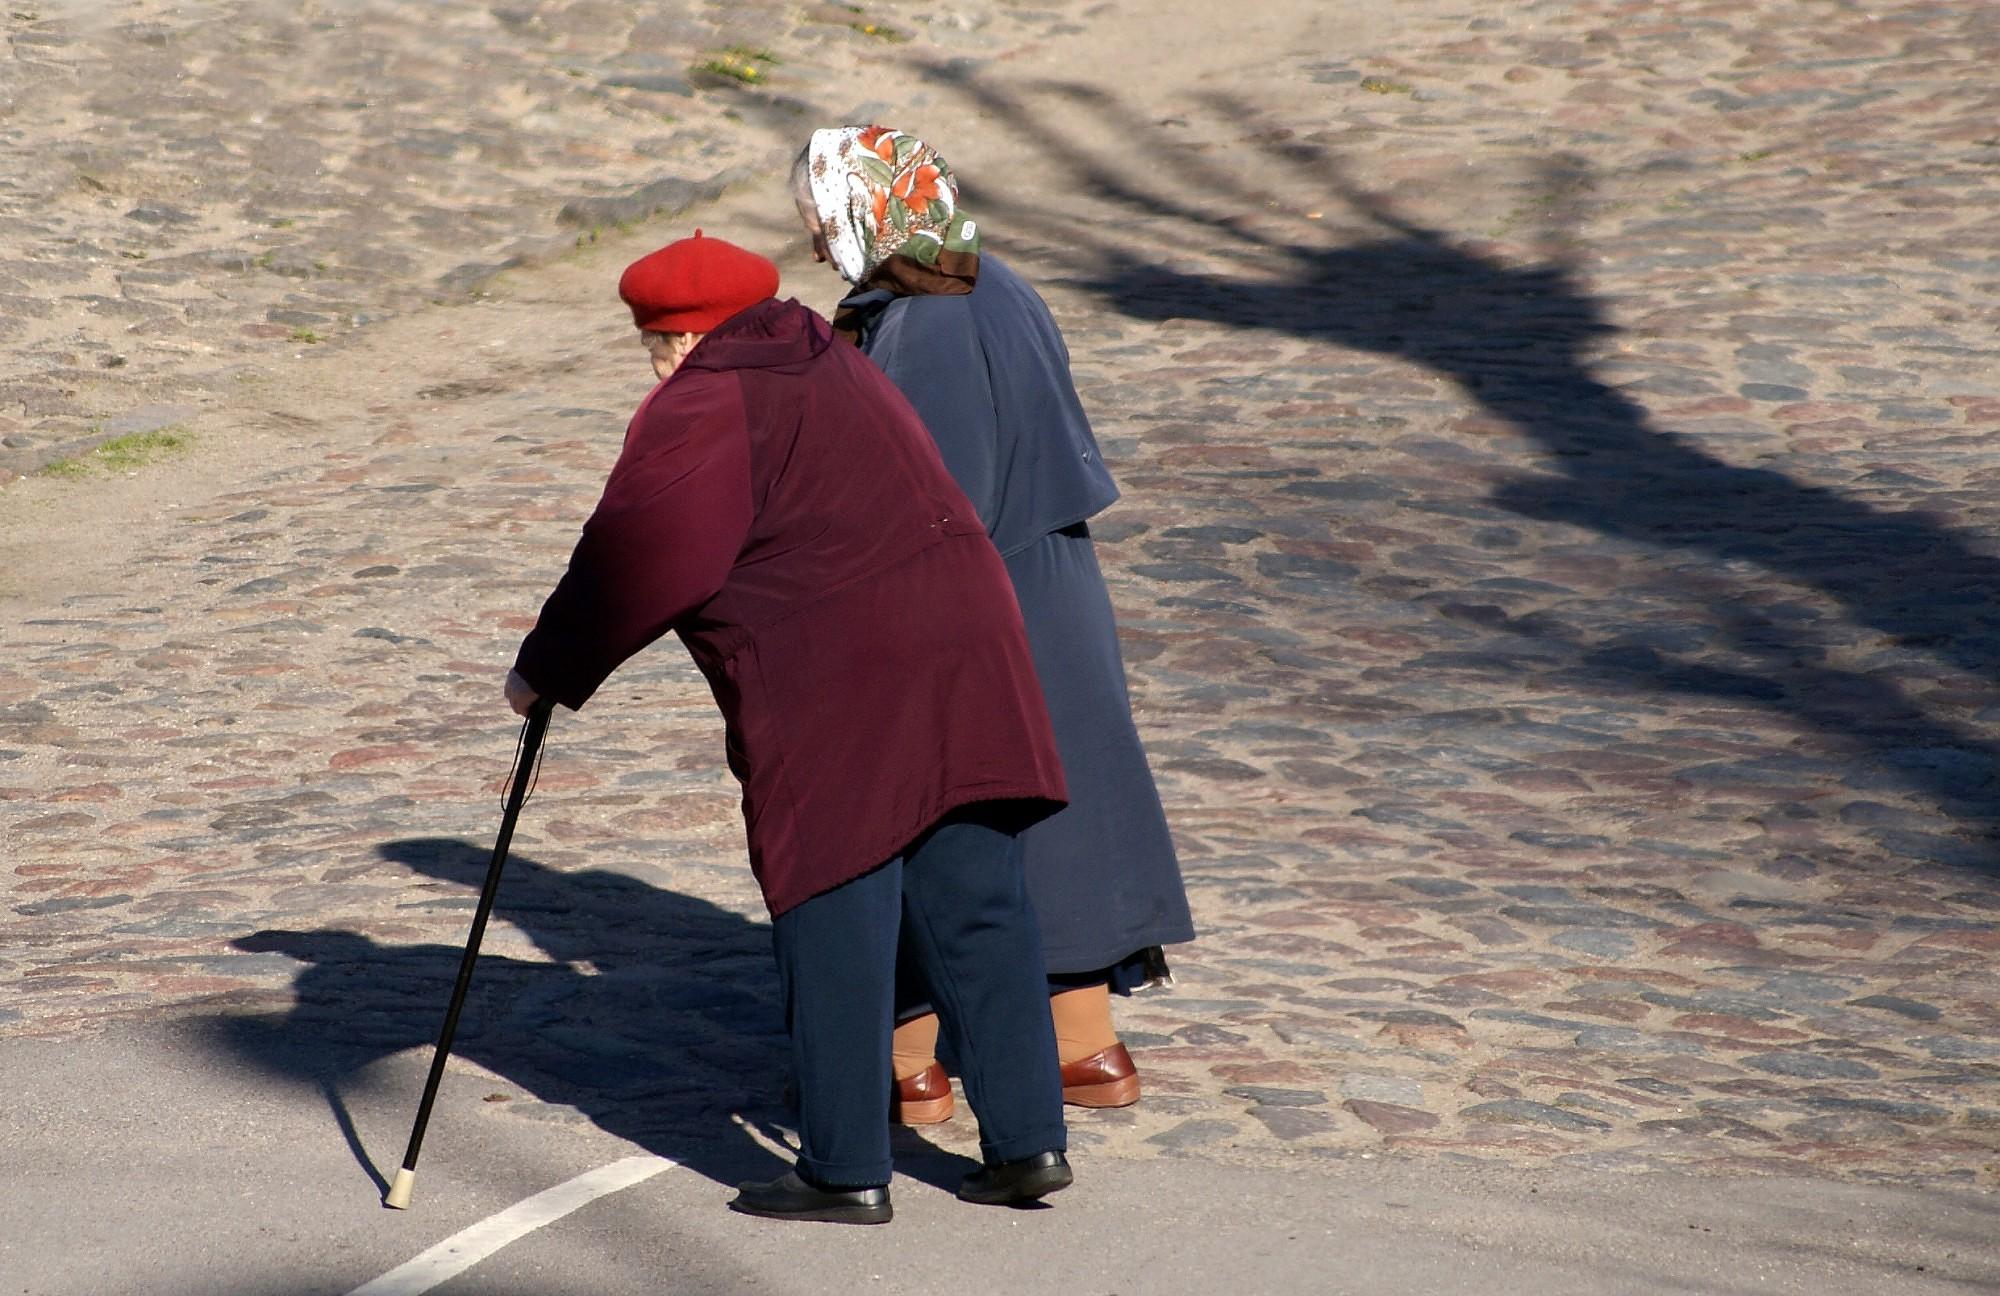 Расходы на индексацию пенсий в этом году составят 41,6 млн евро